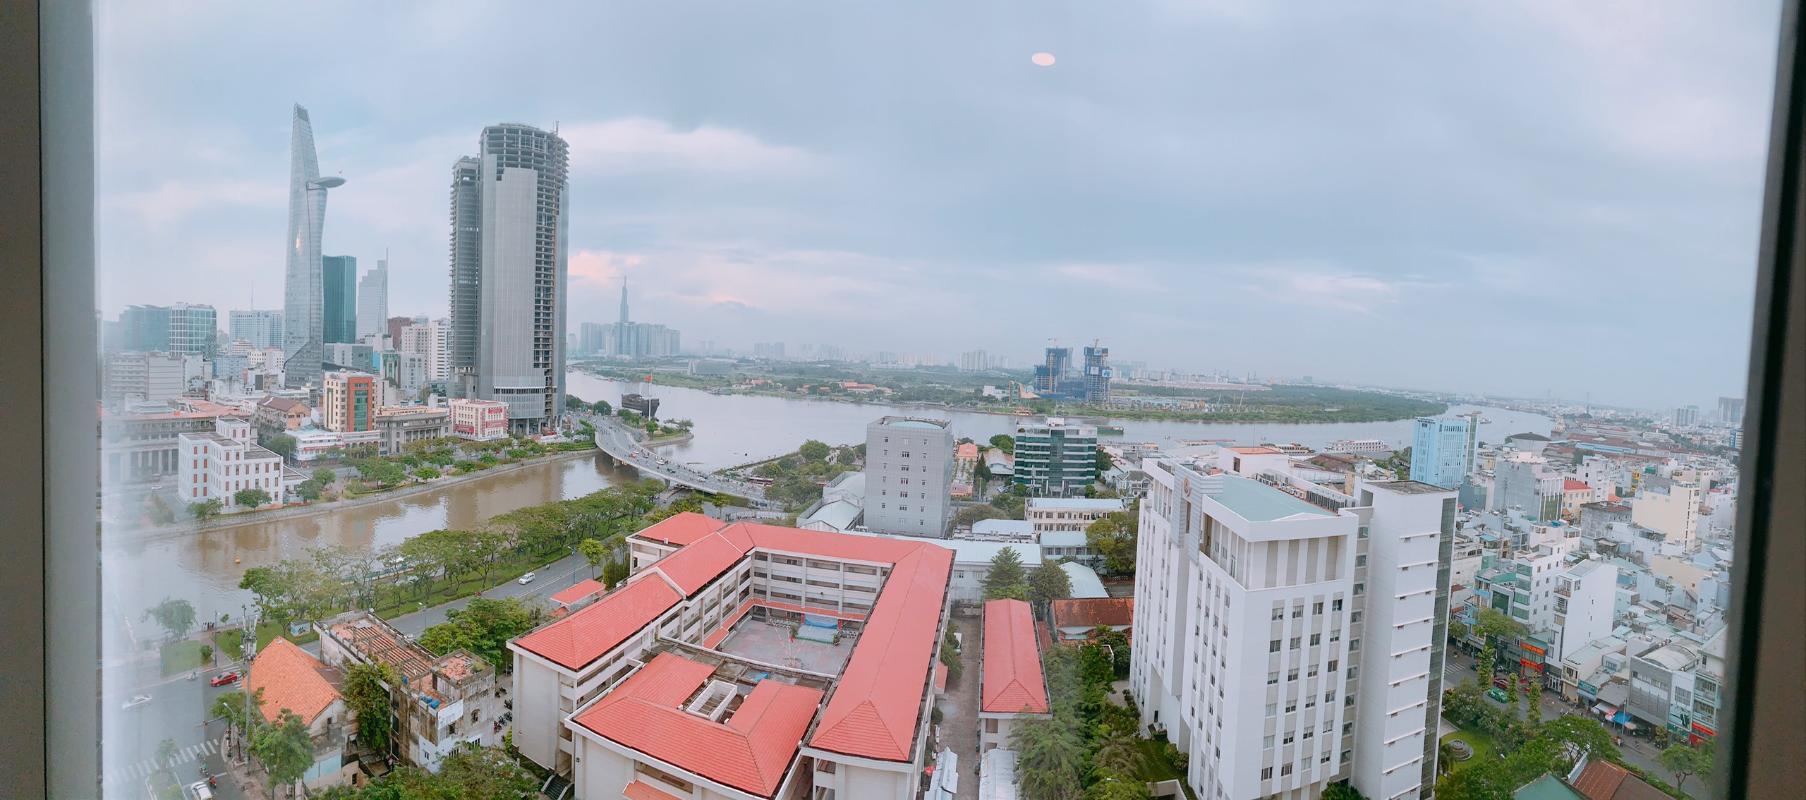 f923024c3564d33a8a75 Bán hoặc cho thuê căn hộ Saigon Royal 3PN, tháp A, đầy đủ nội thất, view sông và Bitexco